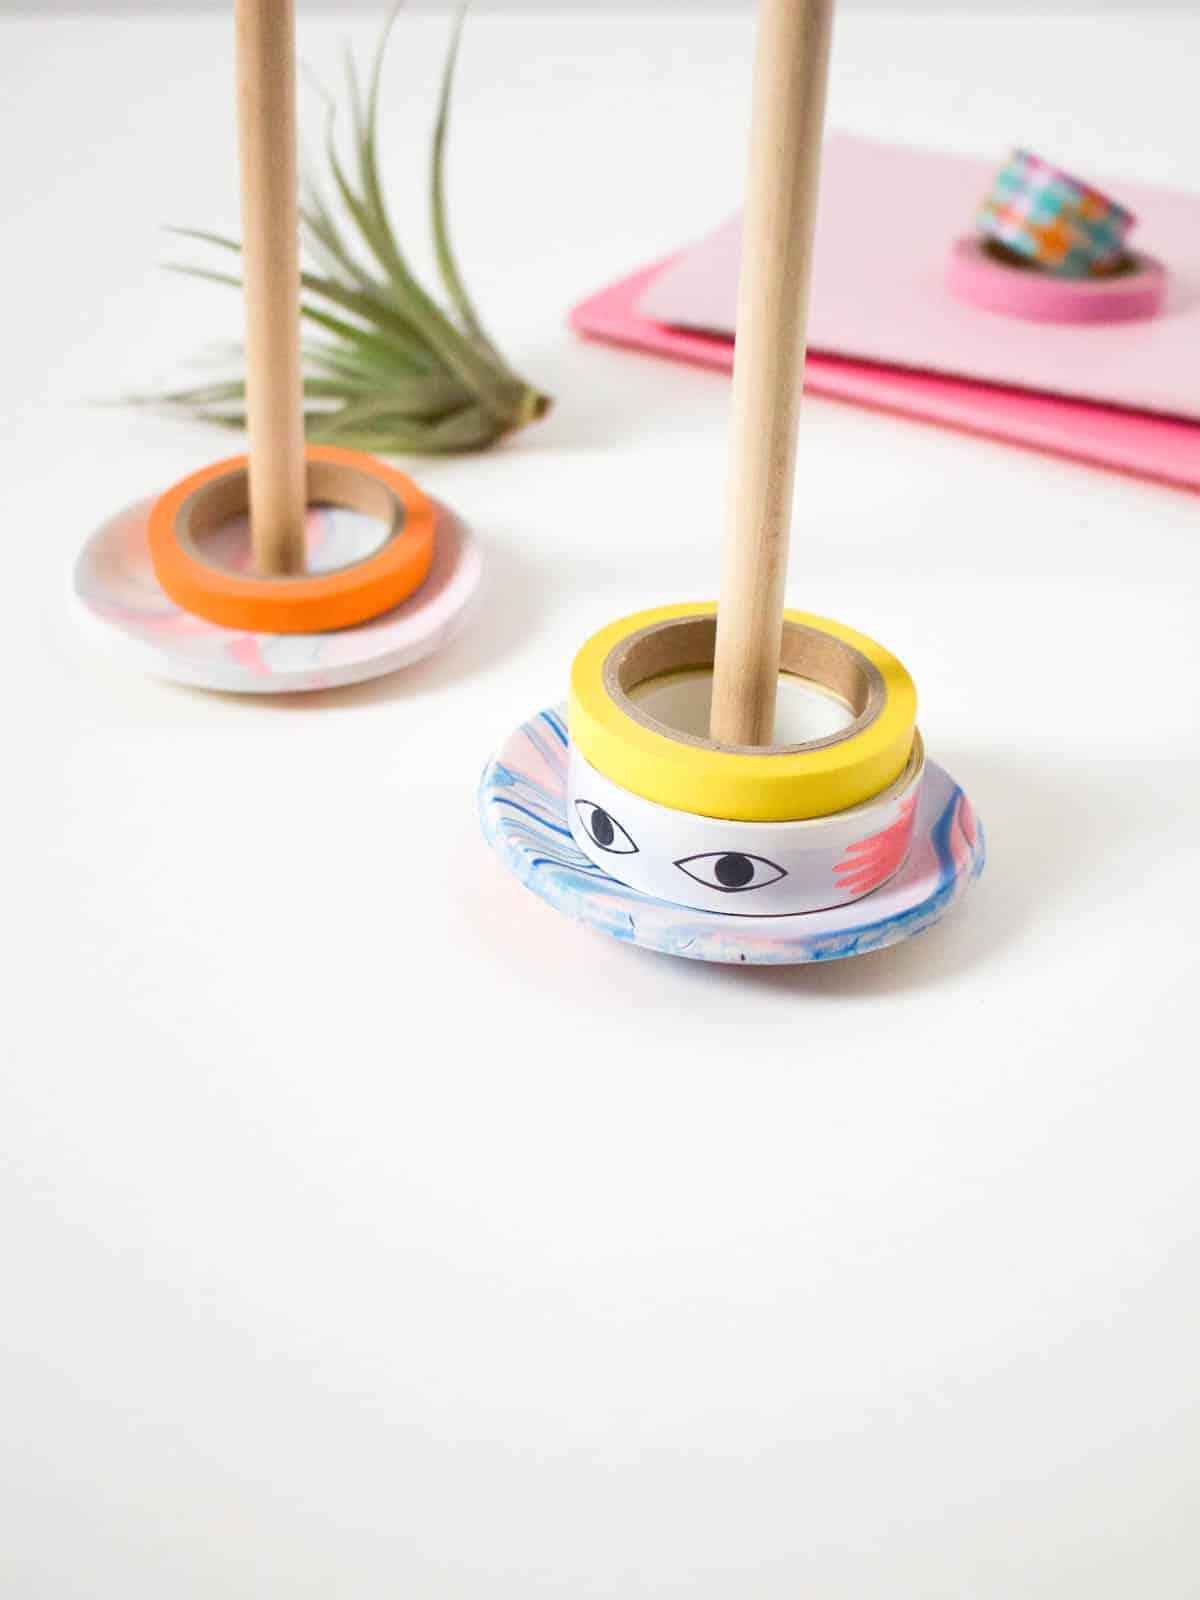 DIY Washi Tape Holder | Fish & Bull